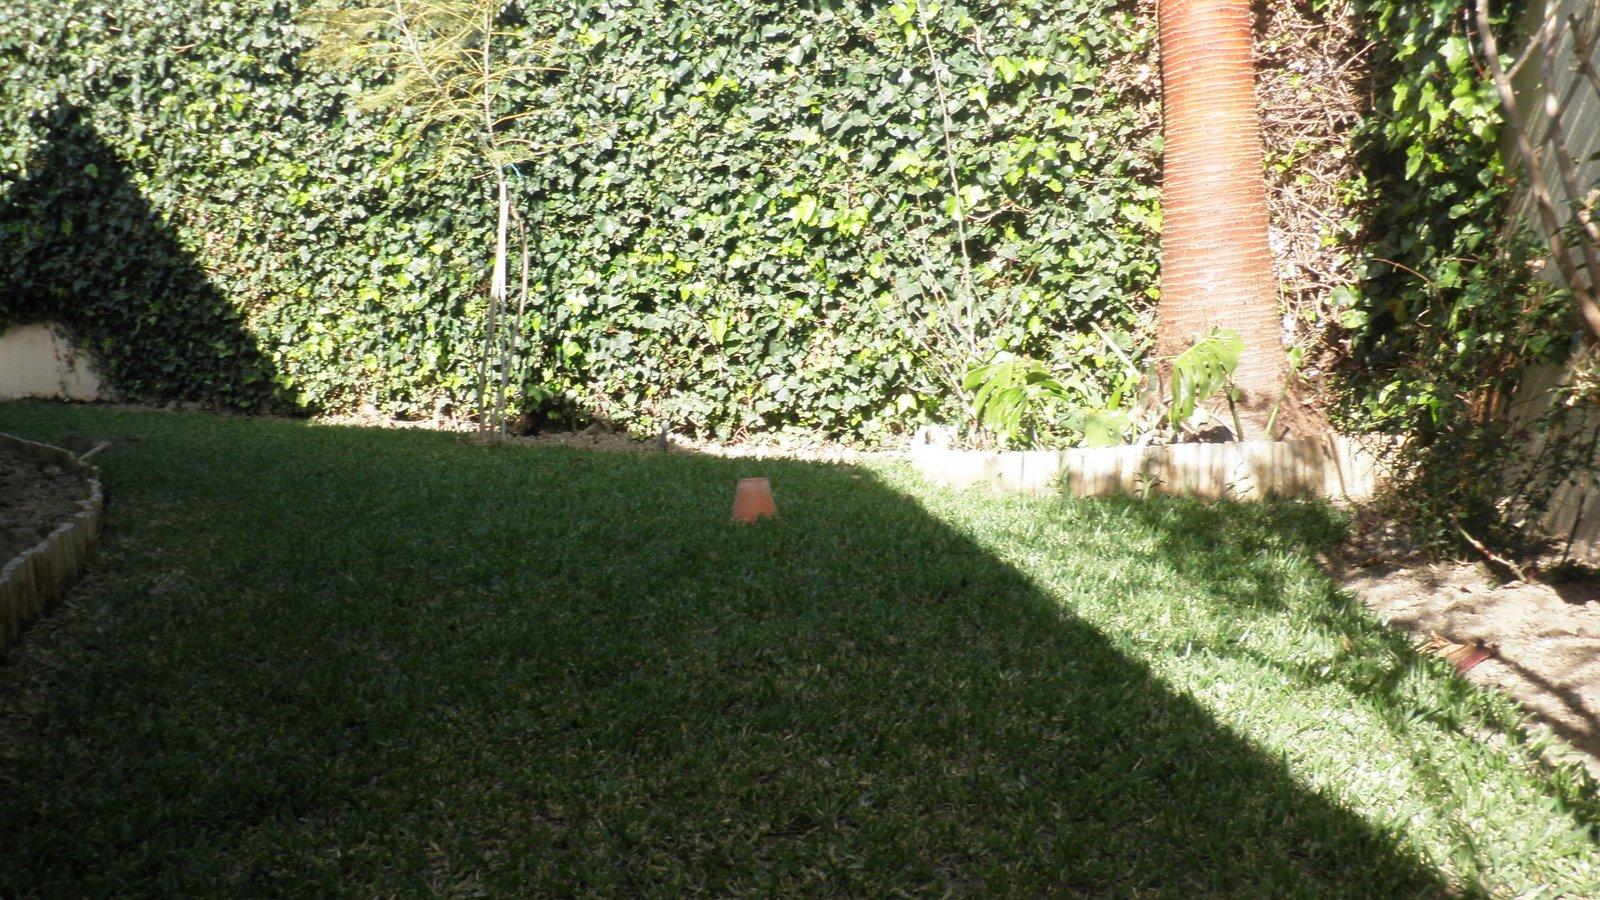 Jardinbio jardin peque o comienzo de decoracion 2 - Arriate jardin ...